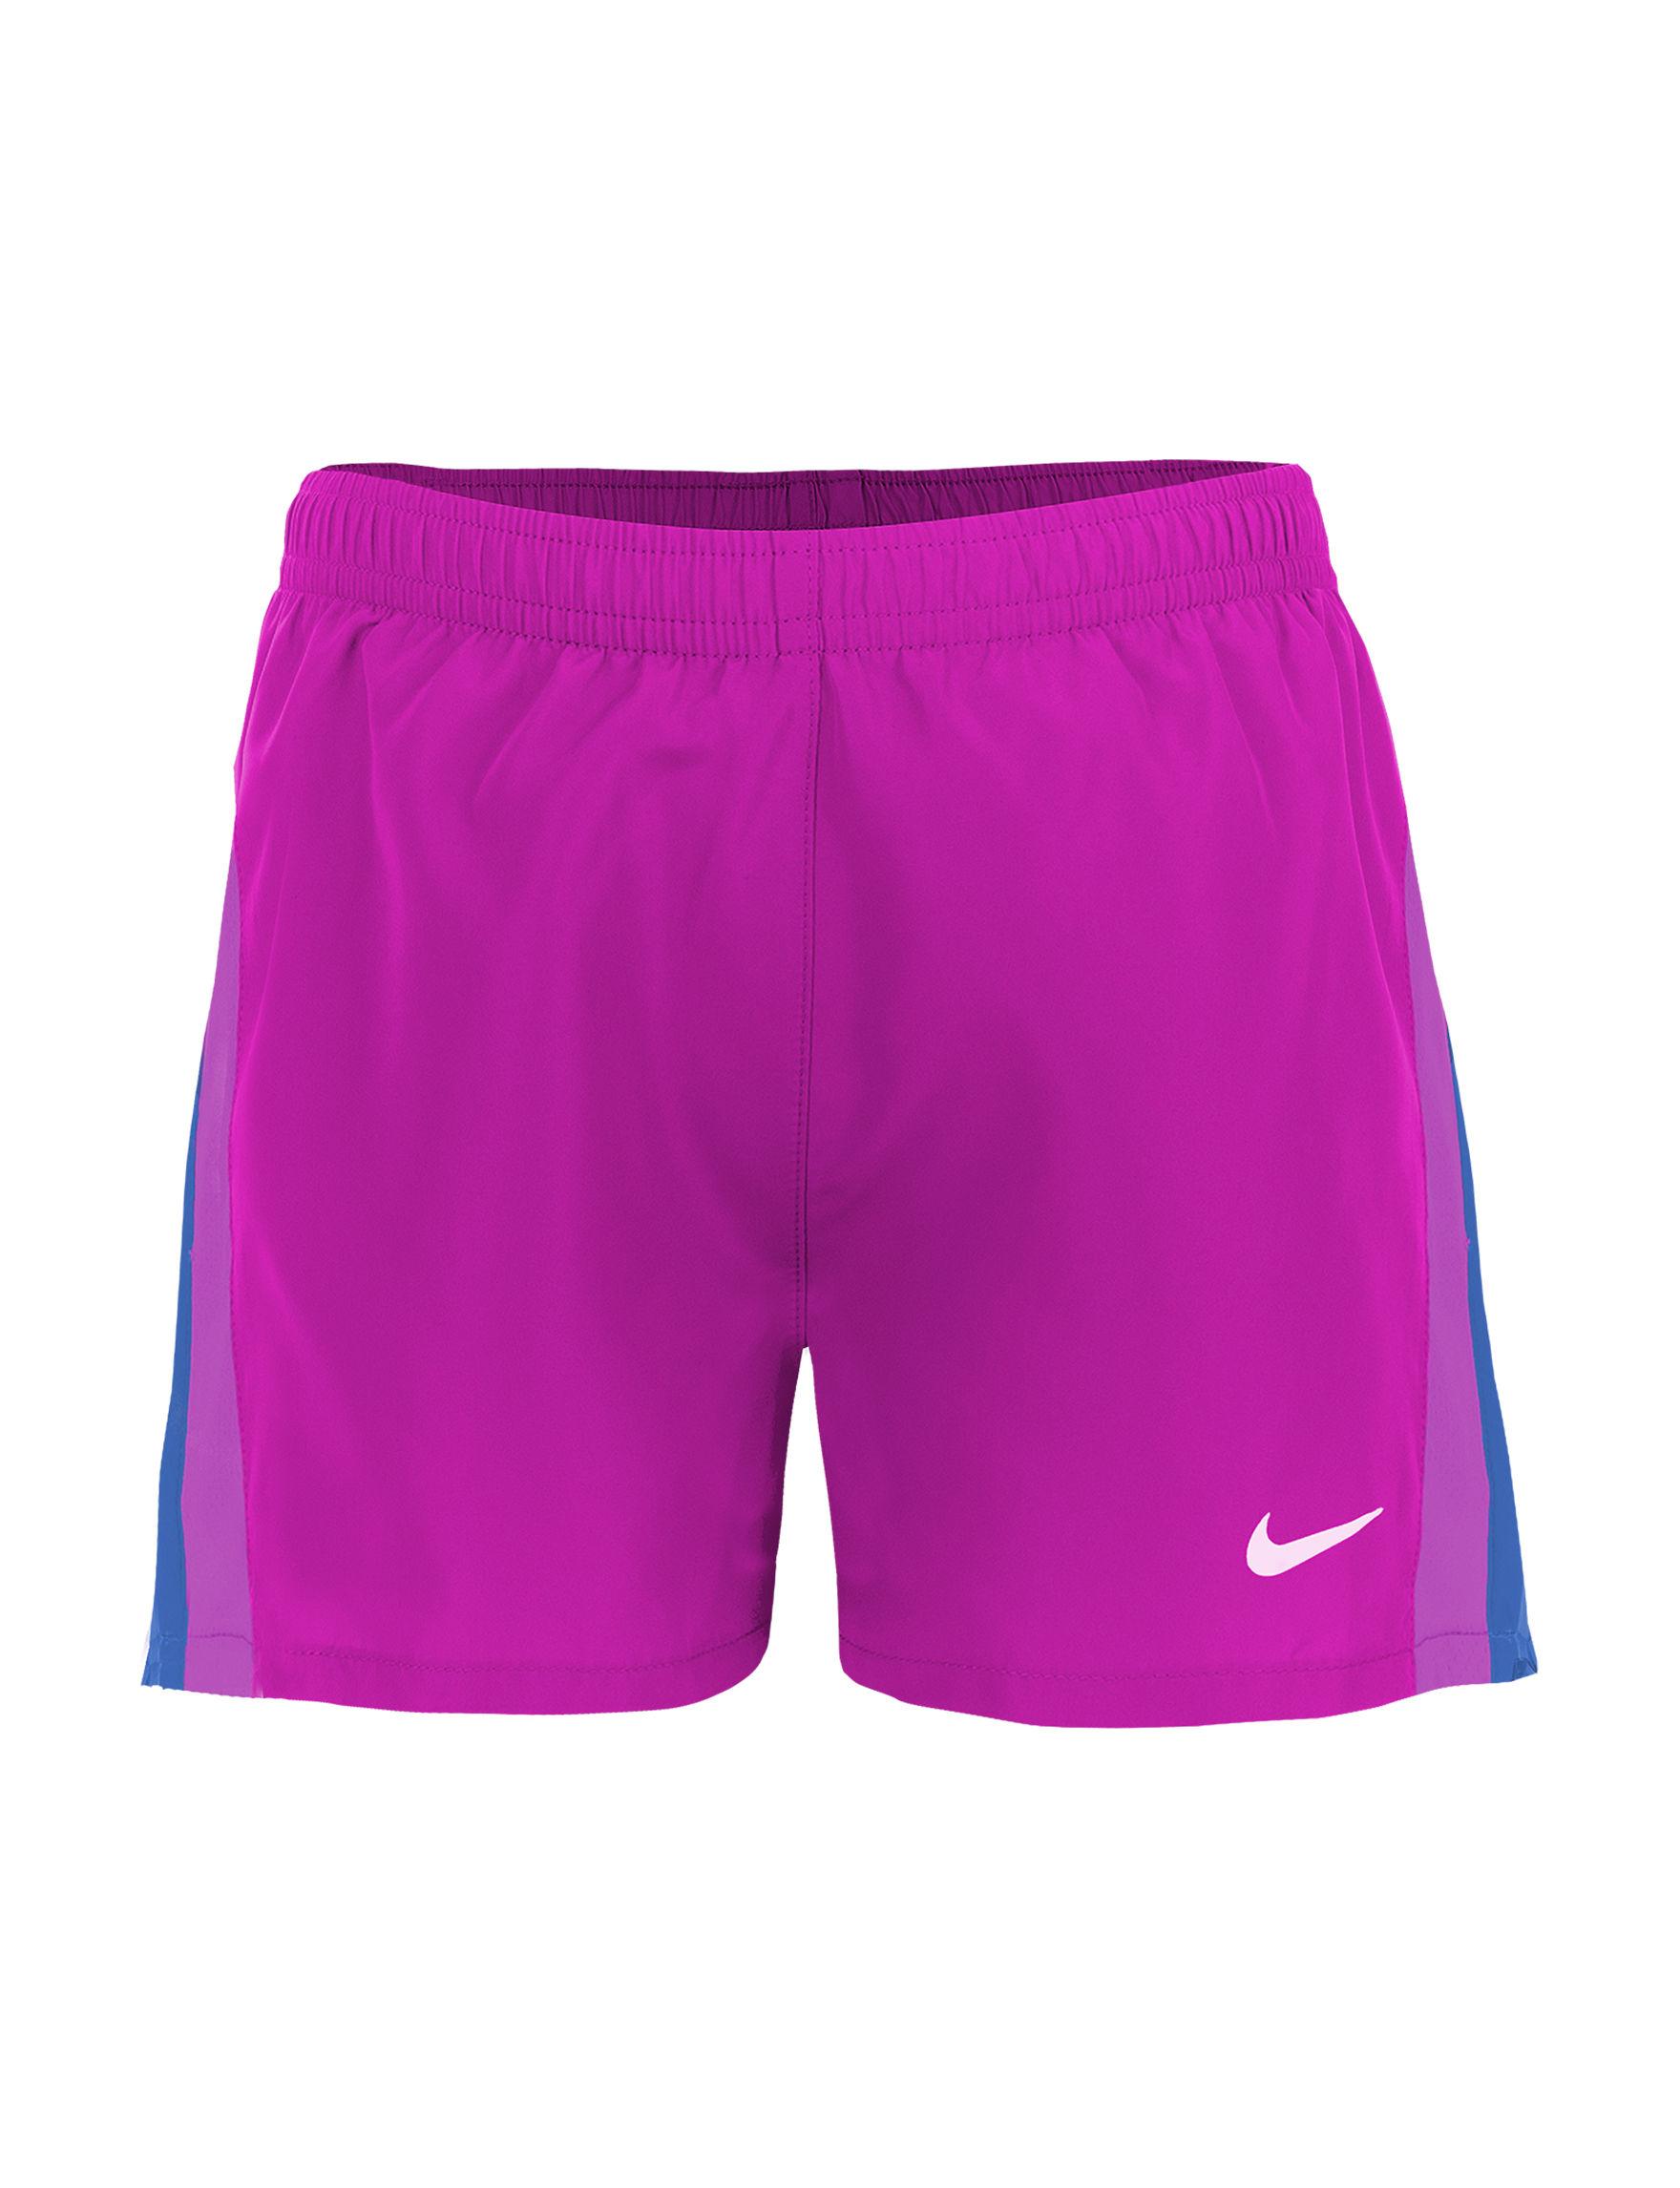 Nike Purple Loose